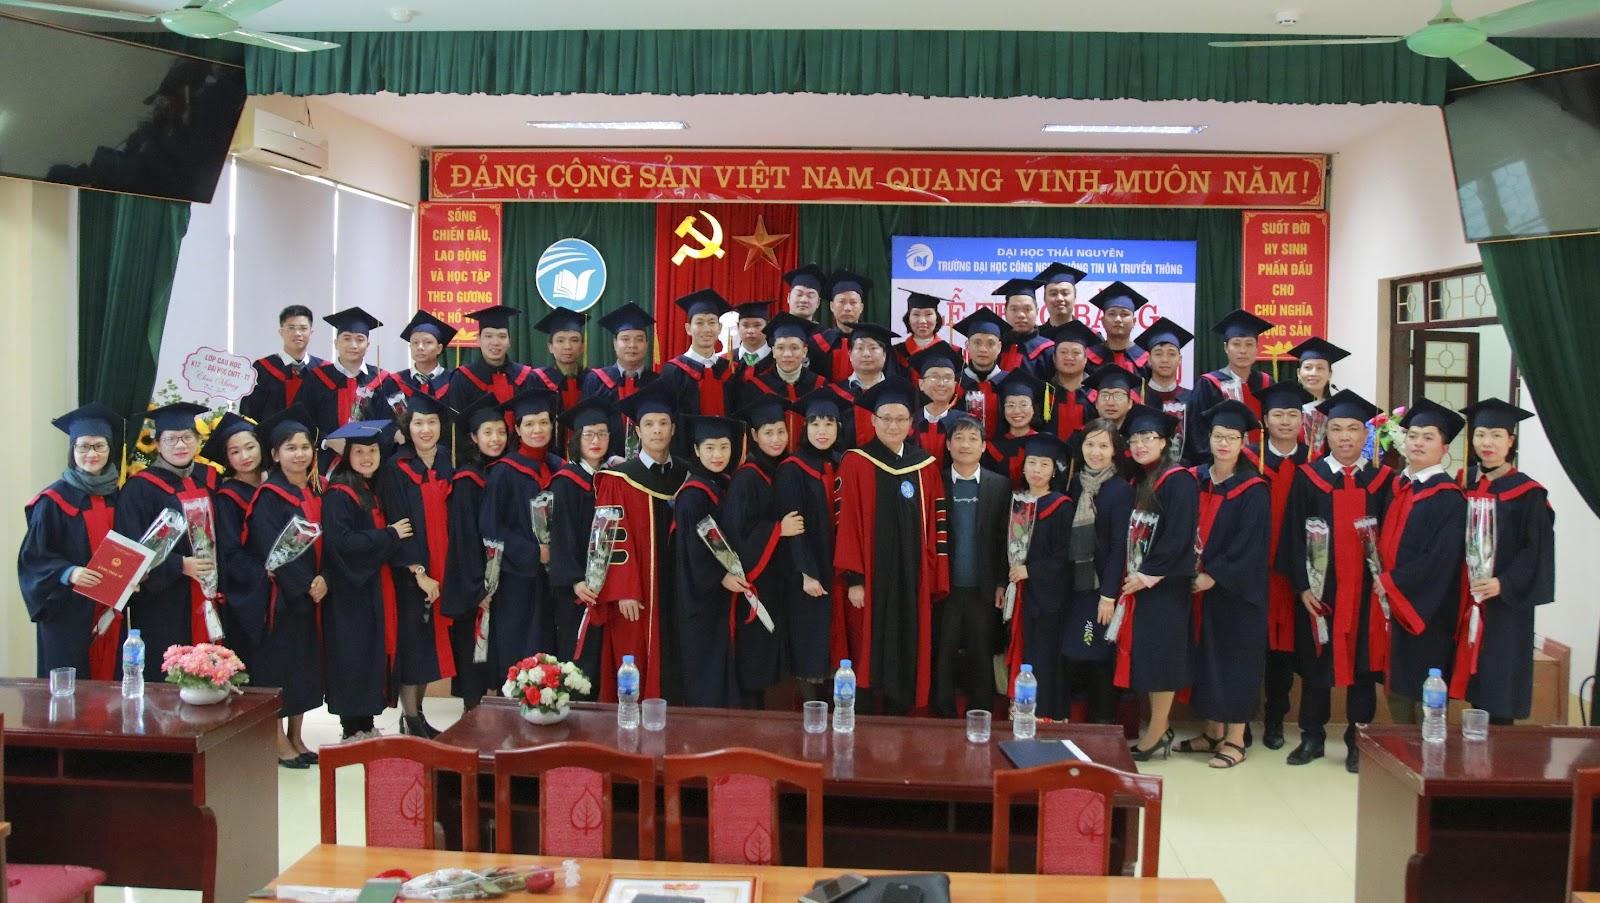 Các Tân tiến sĩ, Tân thạc sĩ chụp ảnh lưu niệm cùng lãnh đạo nhà trường